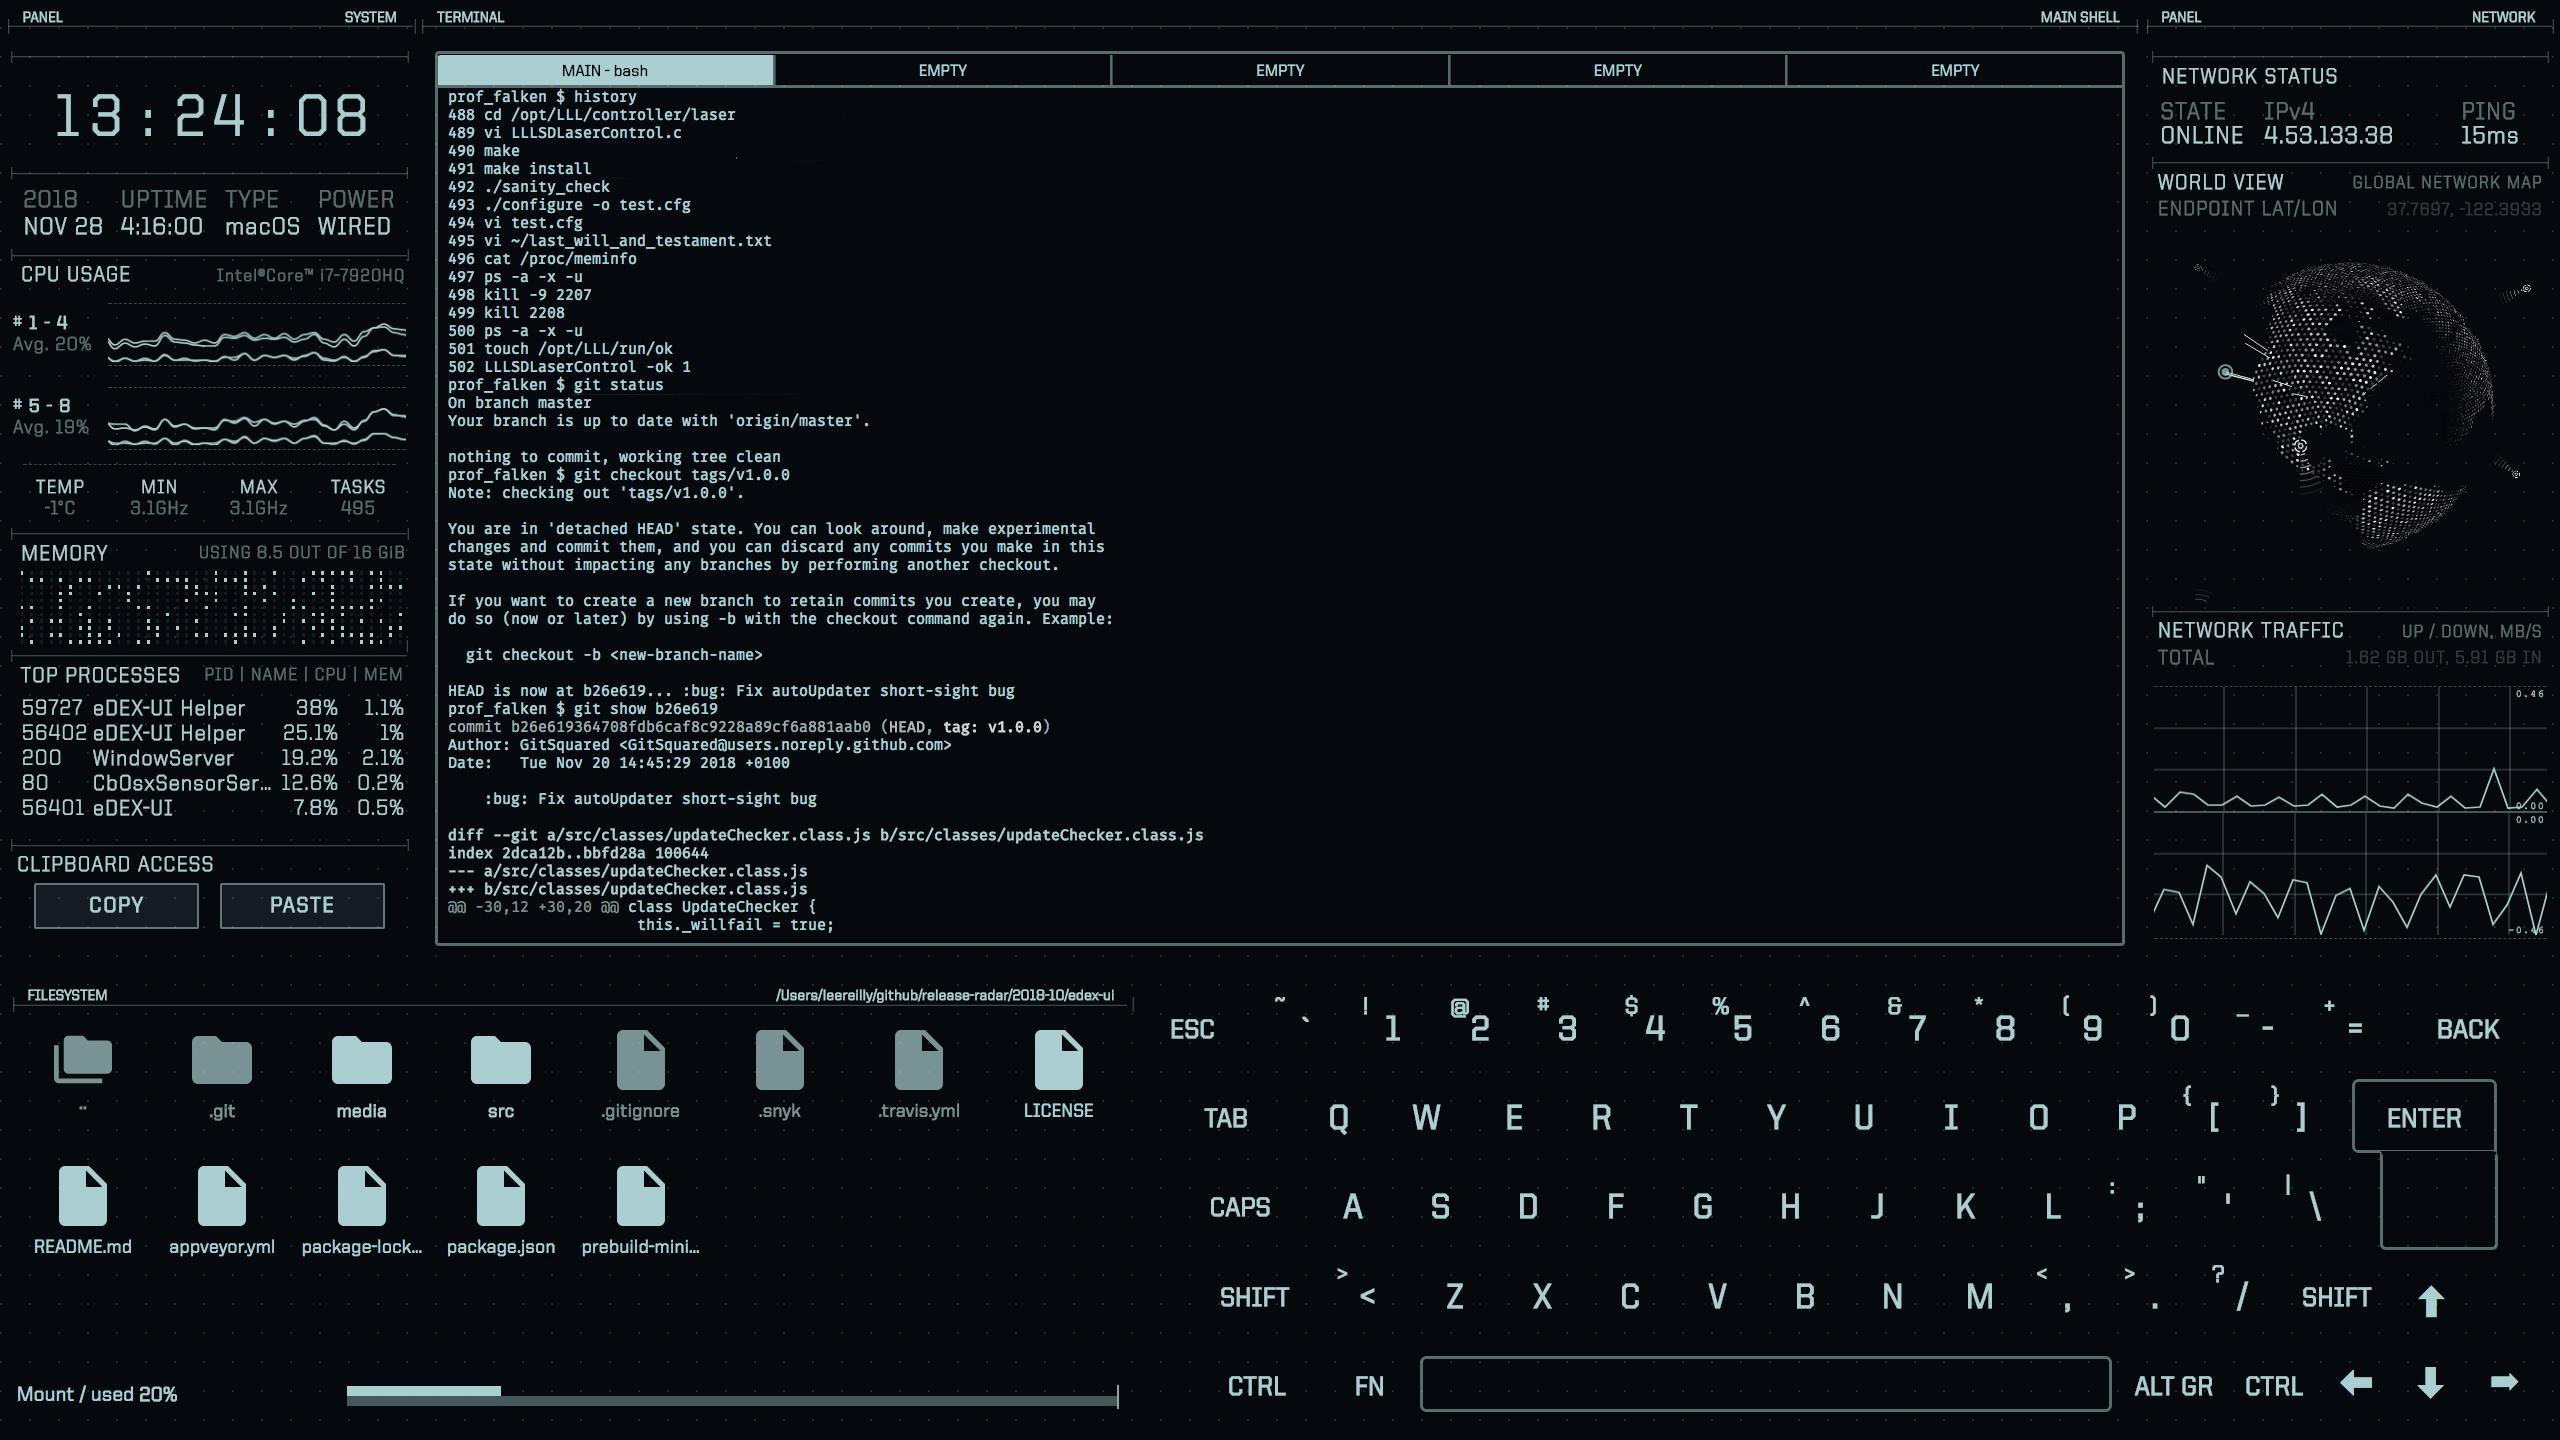 eDEX-UI i 1.0 example